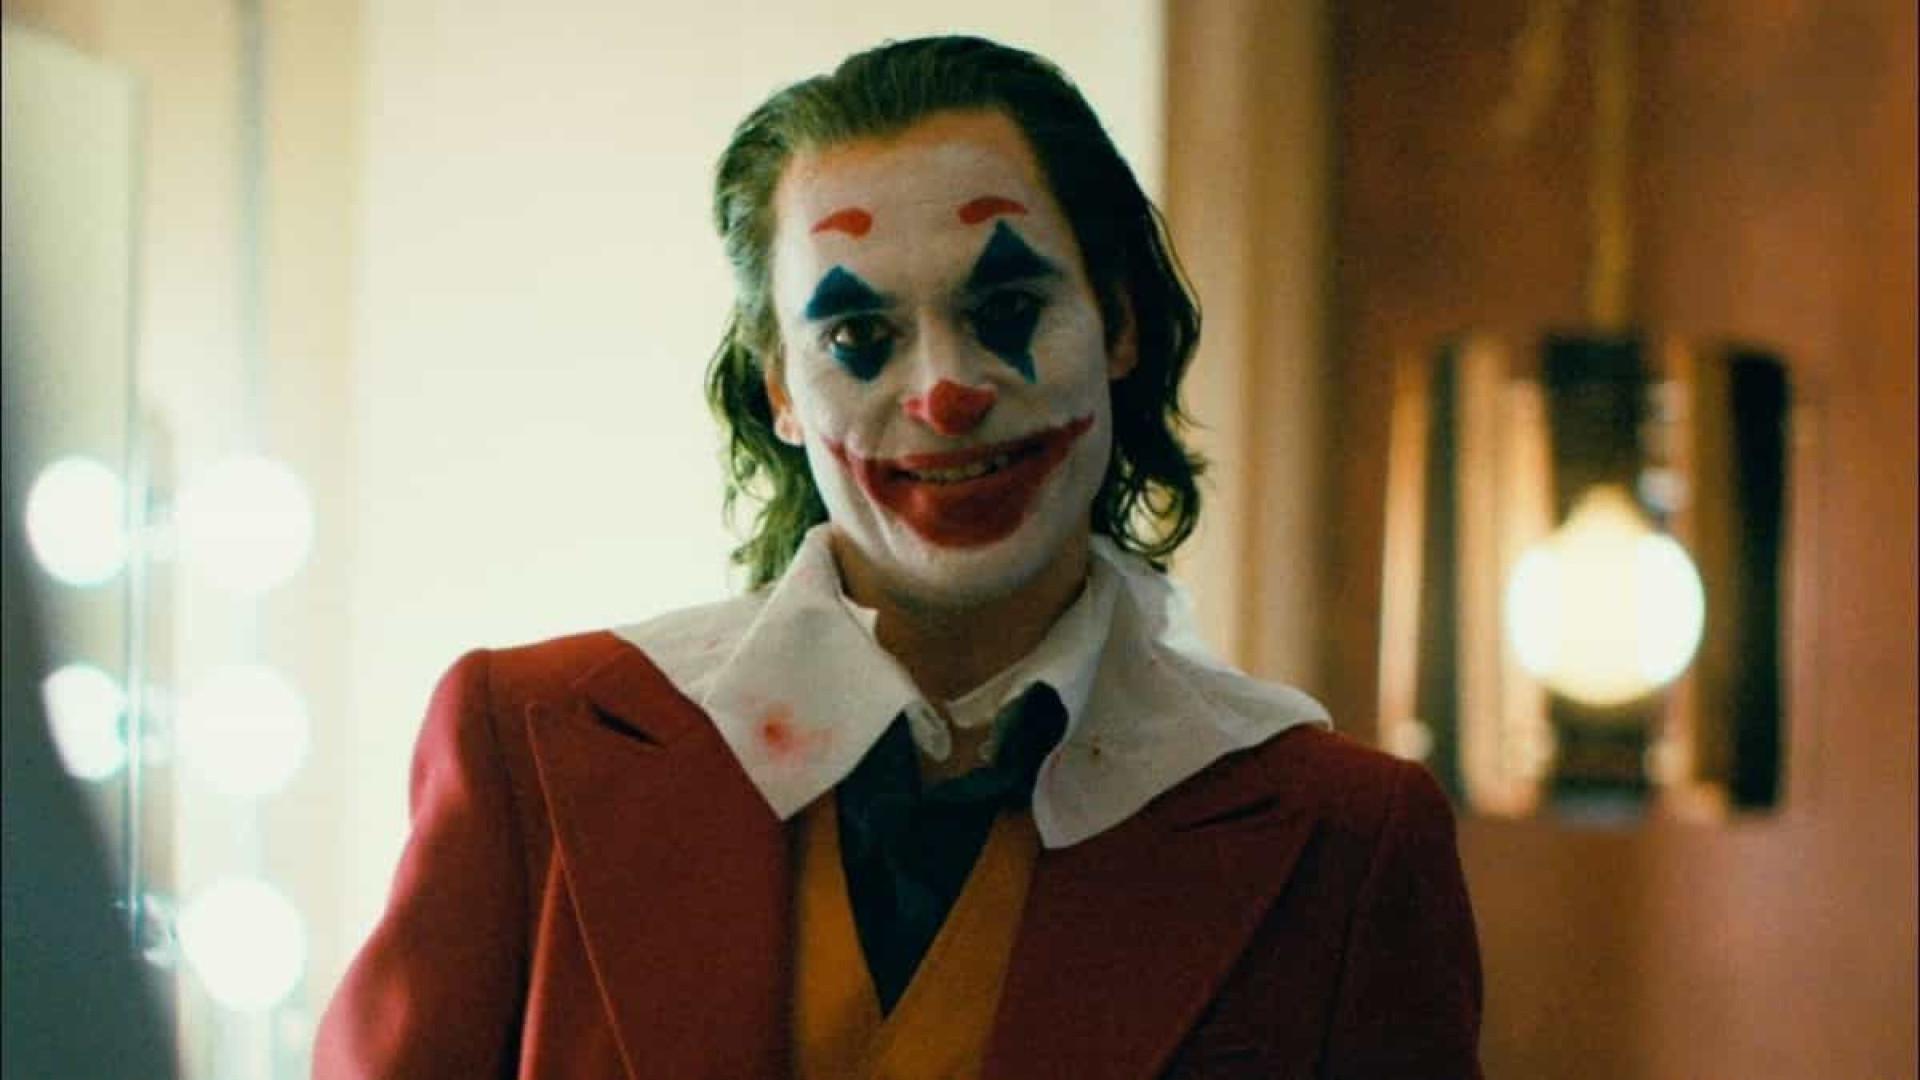 Comediante dos EUA compara Bolsonaro ao Coringa de 'Batman'